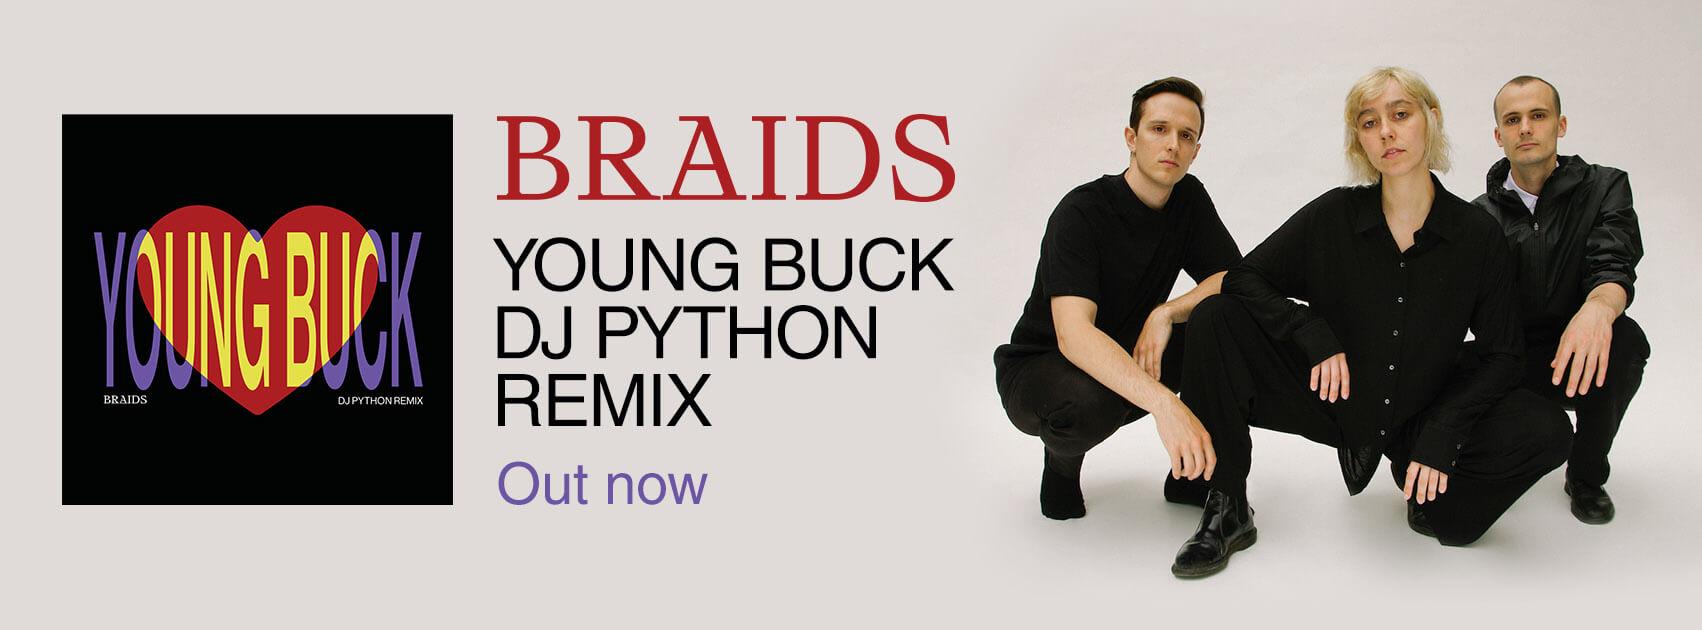 Braids-SCRWebsite-YoungBuck-EN (1)